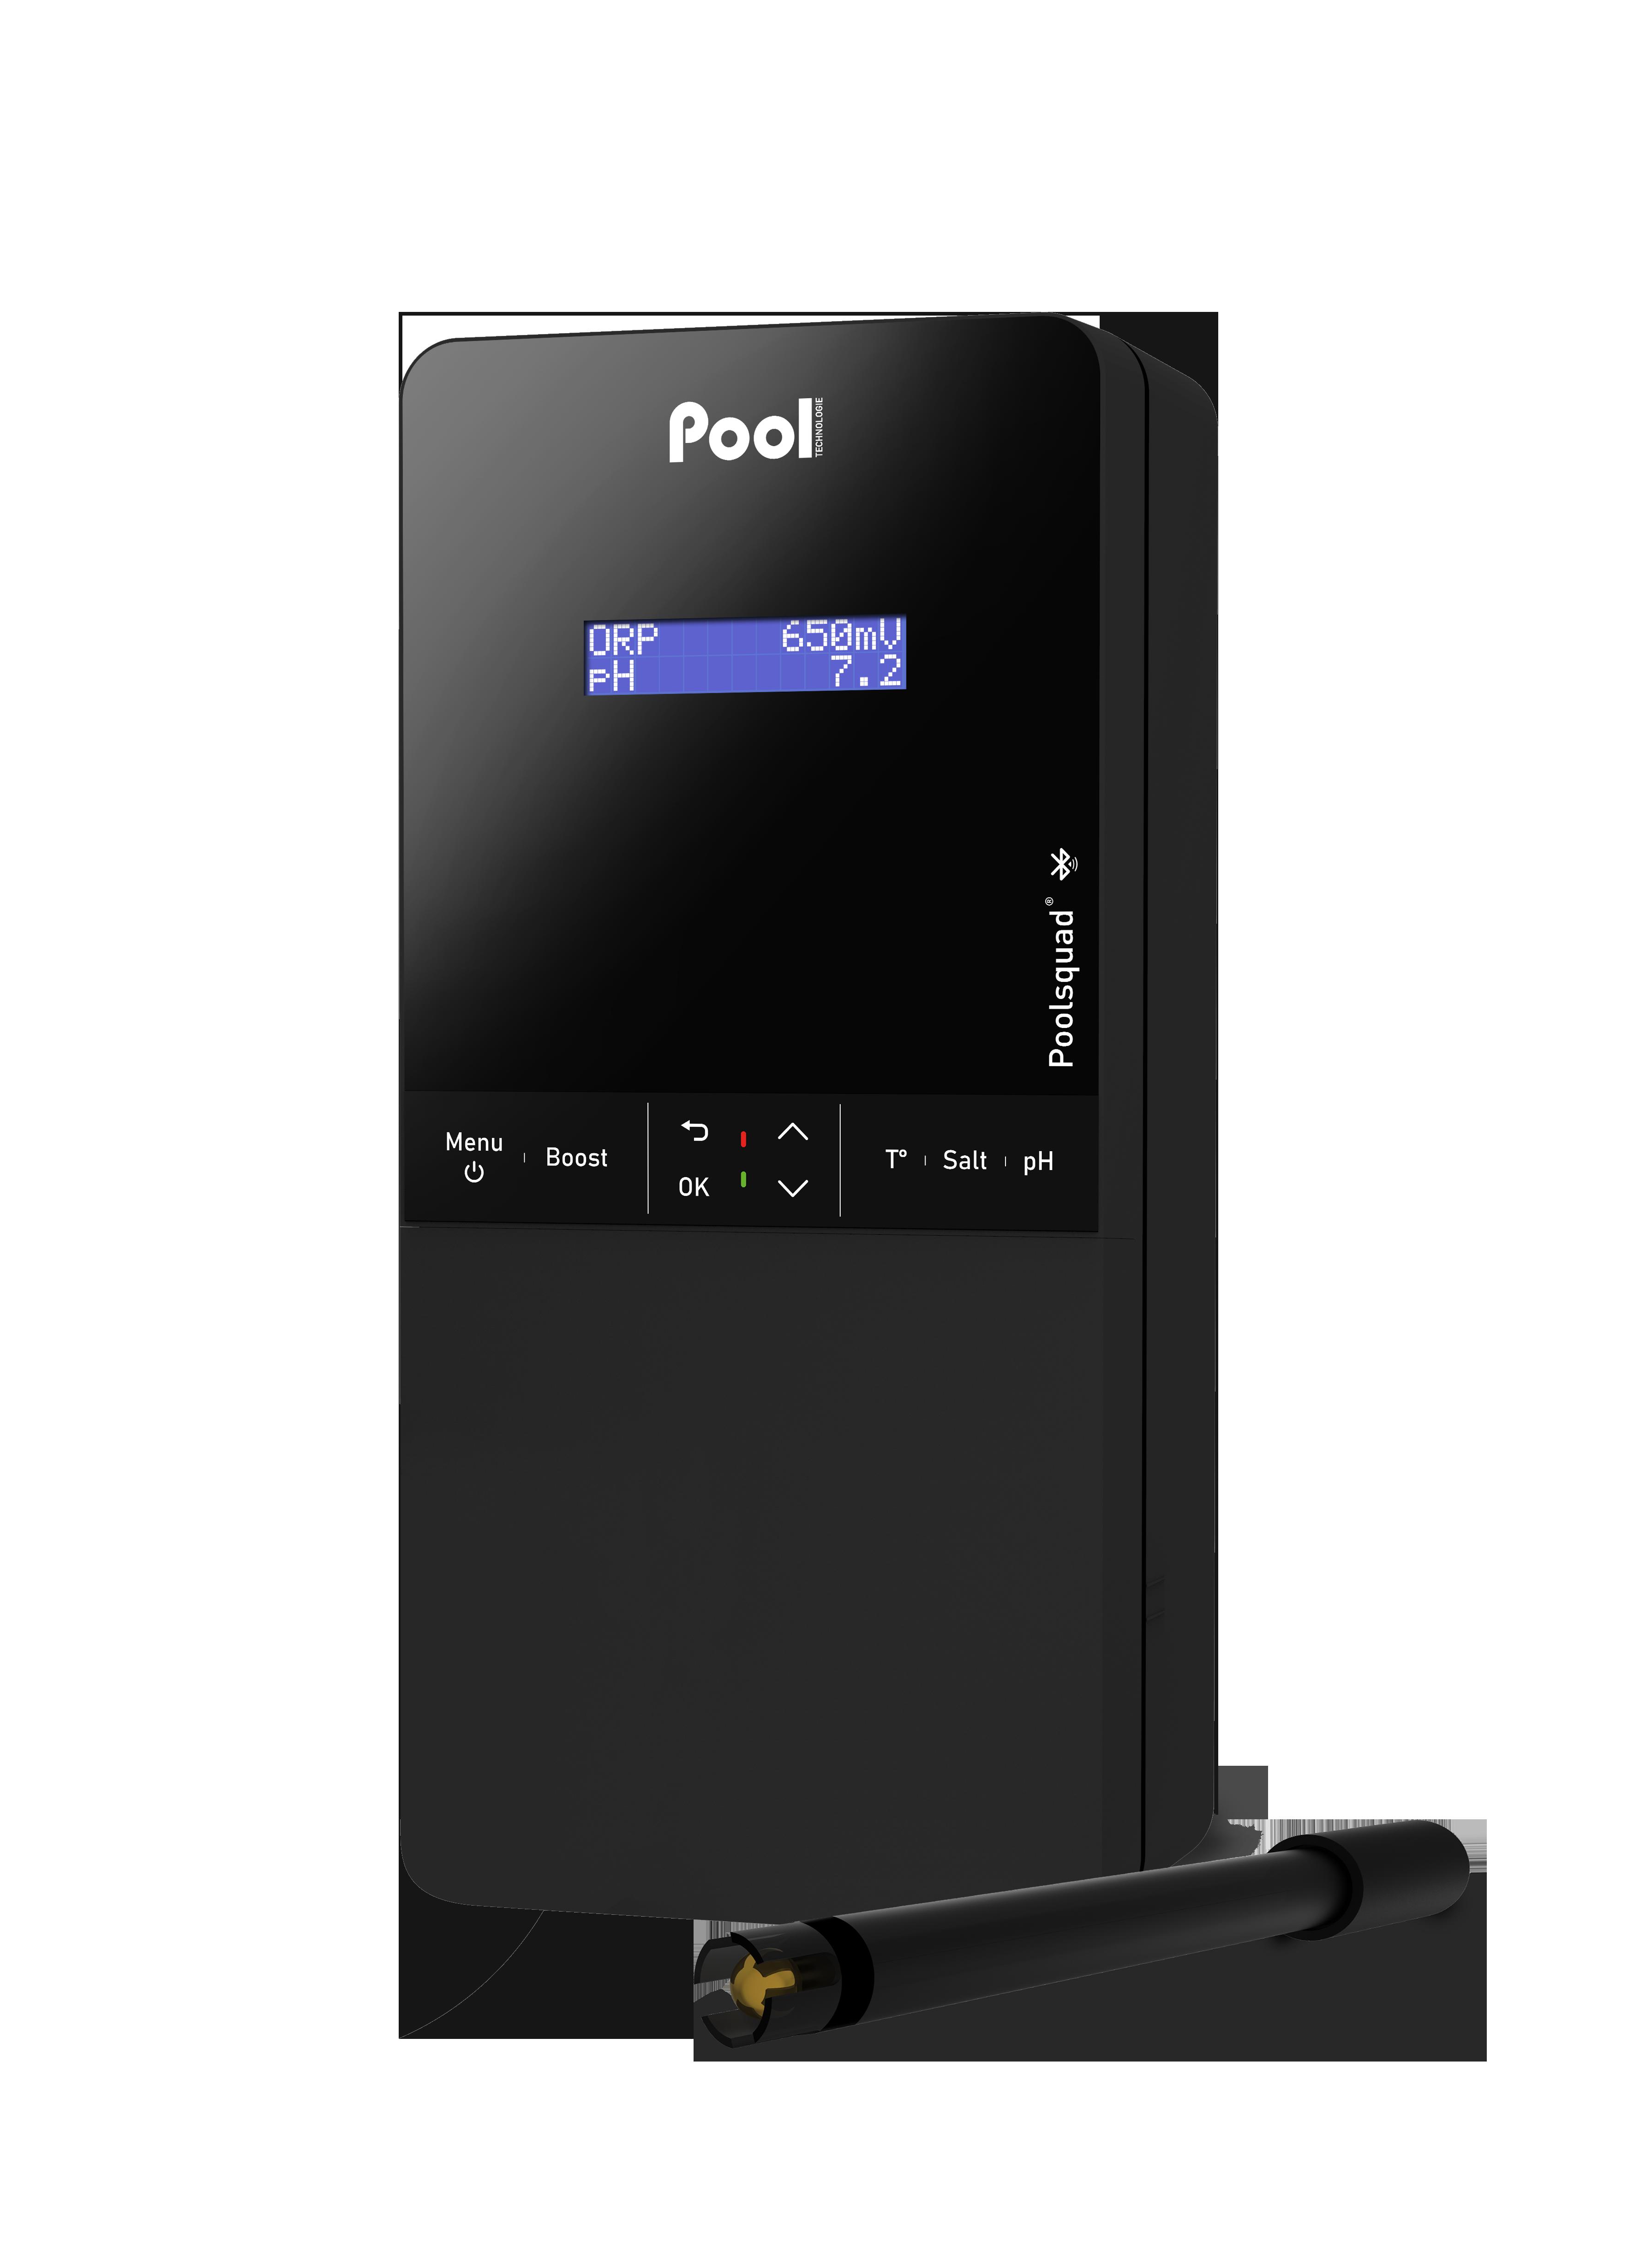 Poolsquad Pro sonde ORP régulation pH contrôle ORP électrolyseur de sel